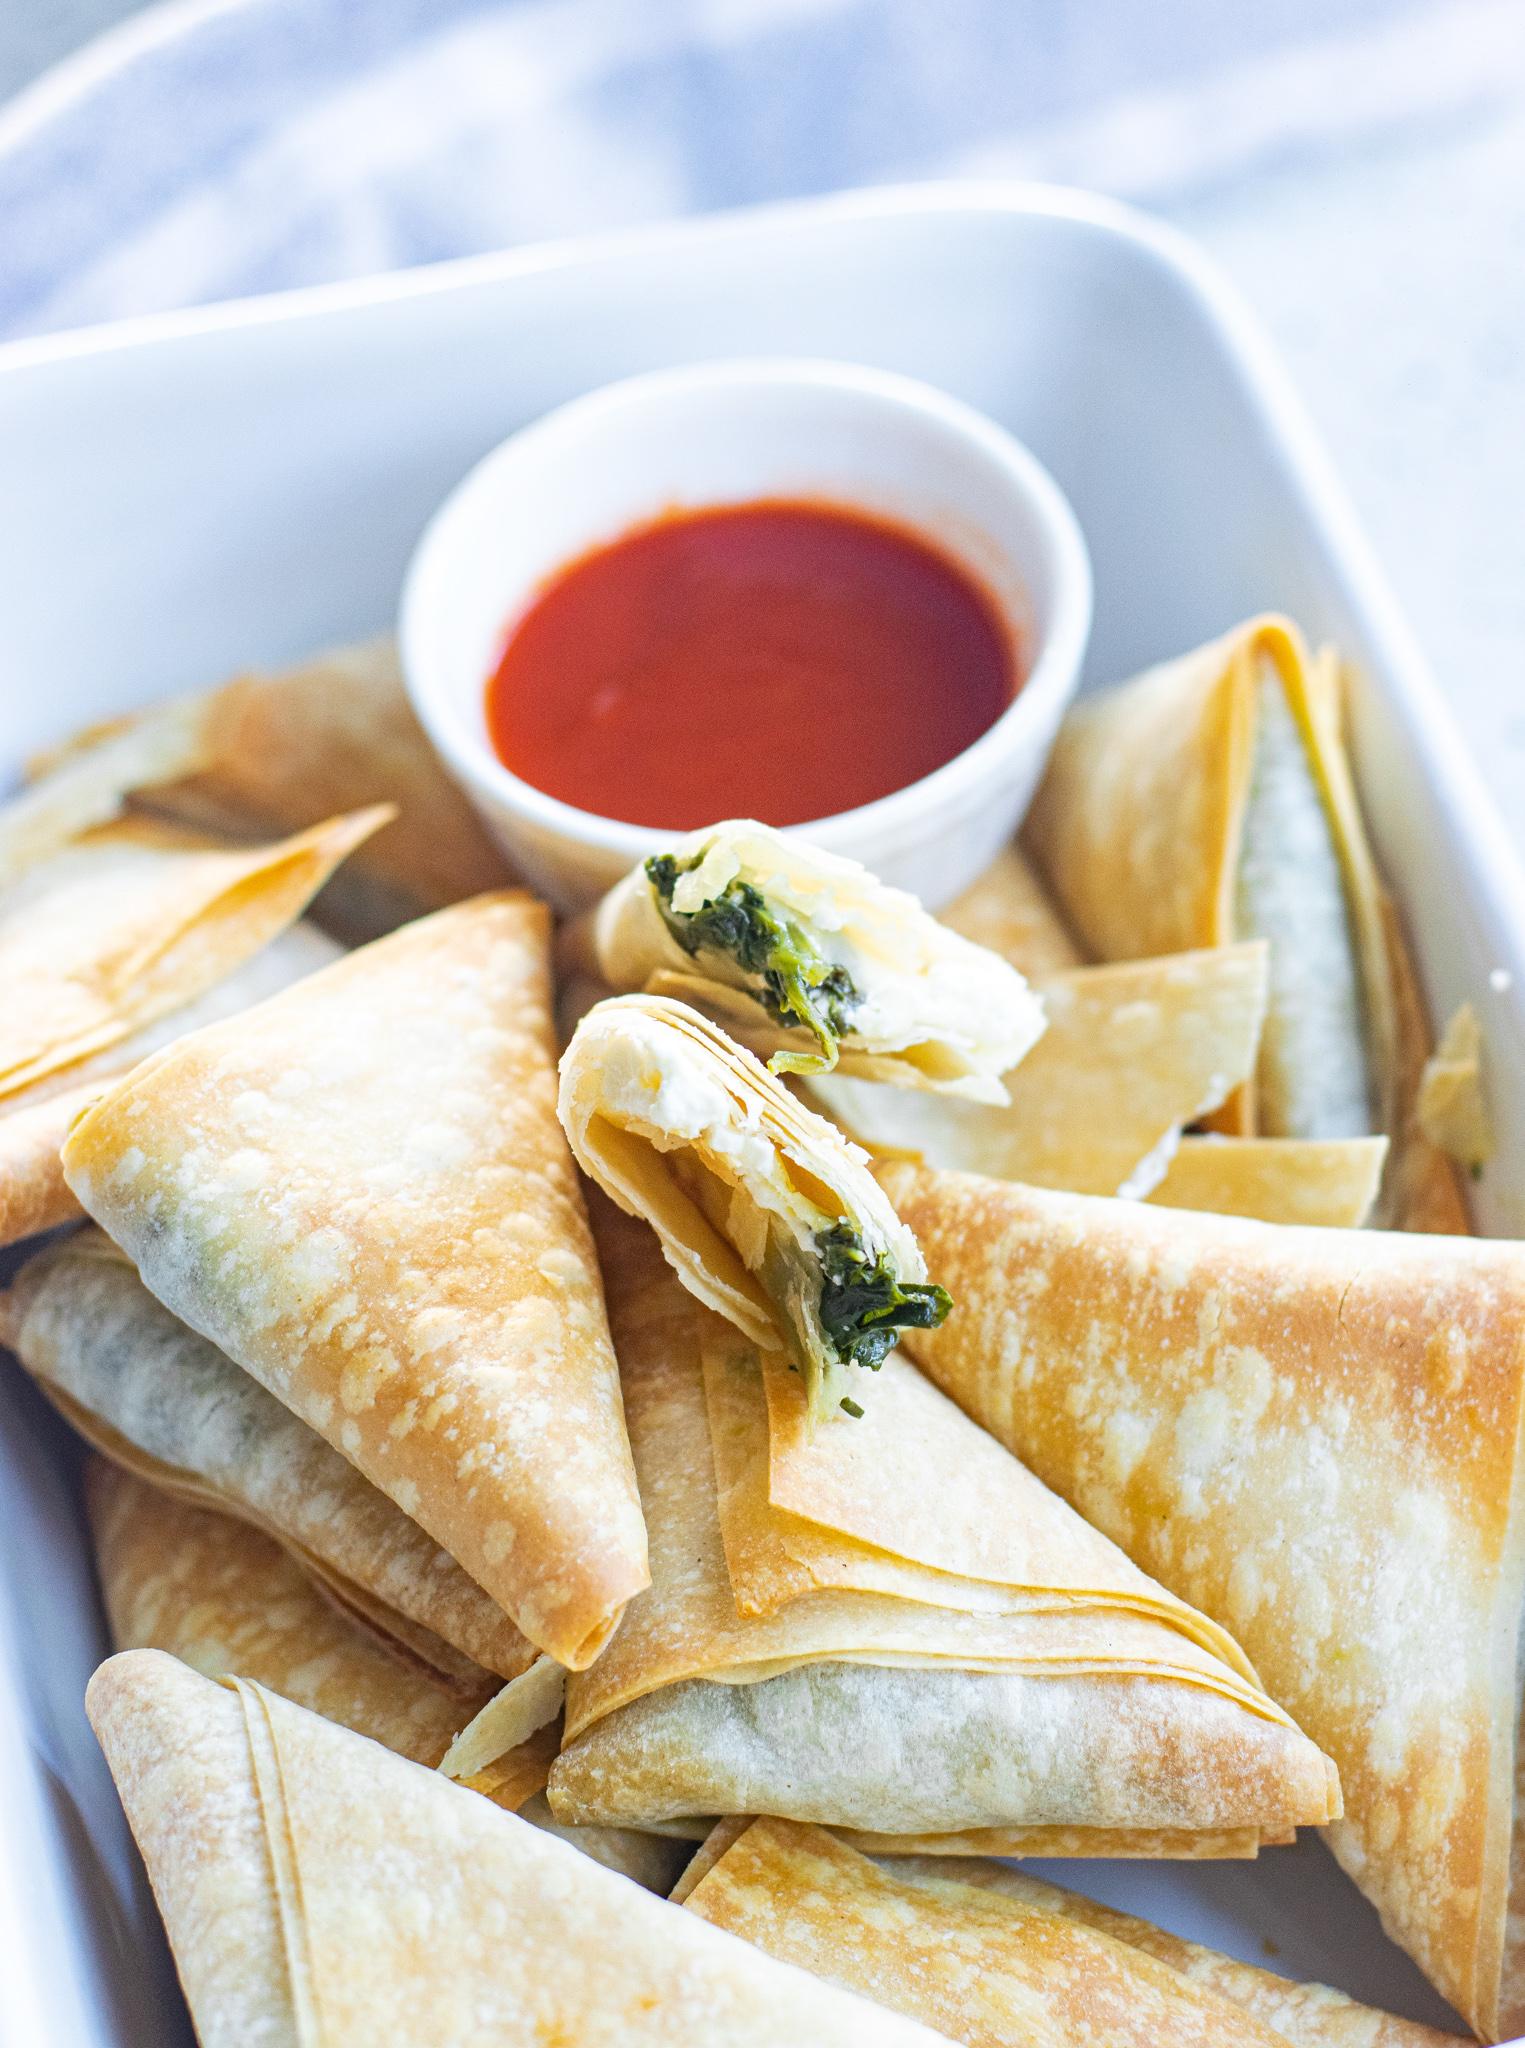 Spanakopita Triangles Recipe in white dish.